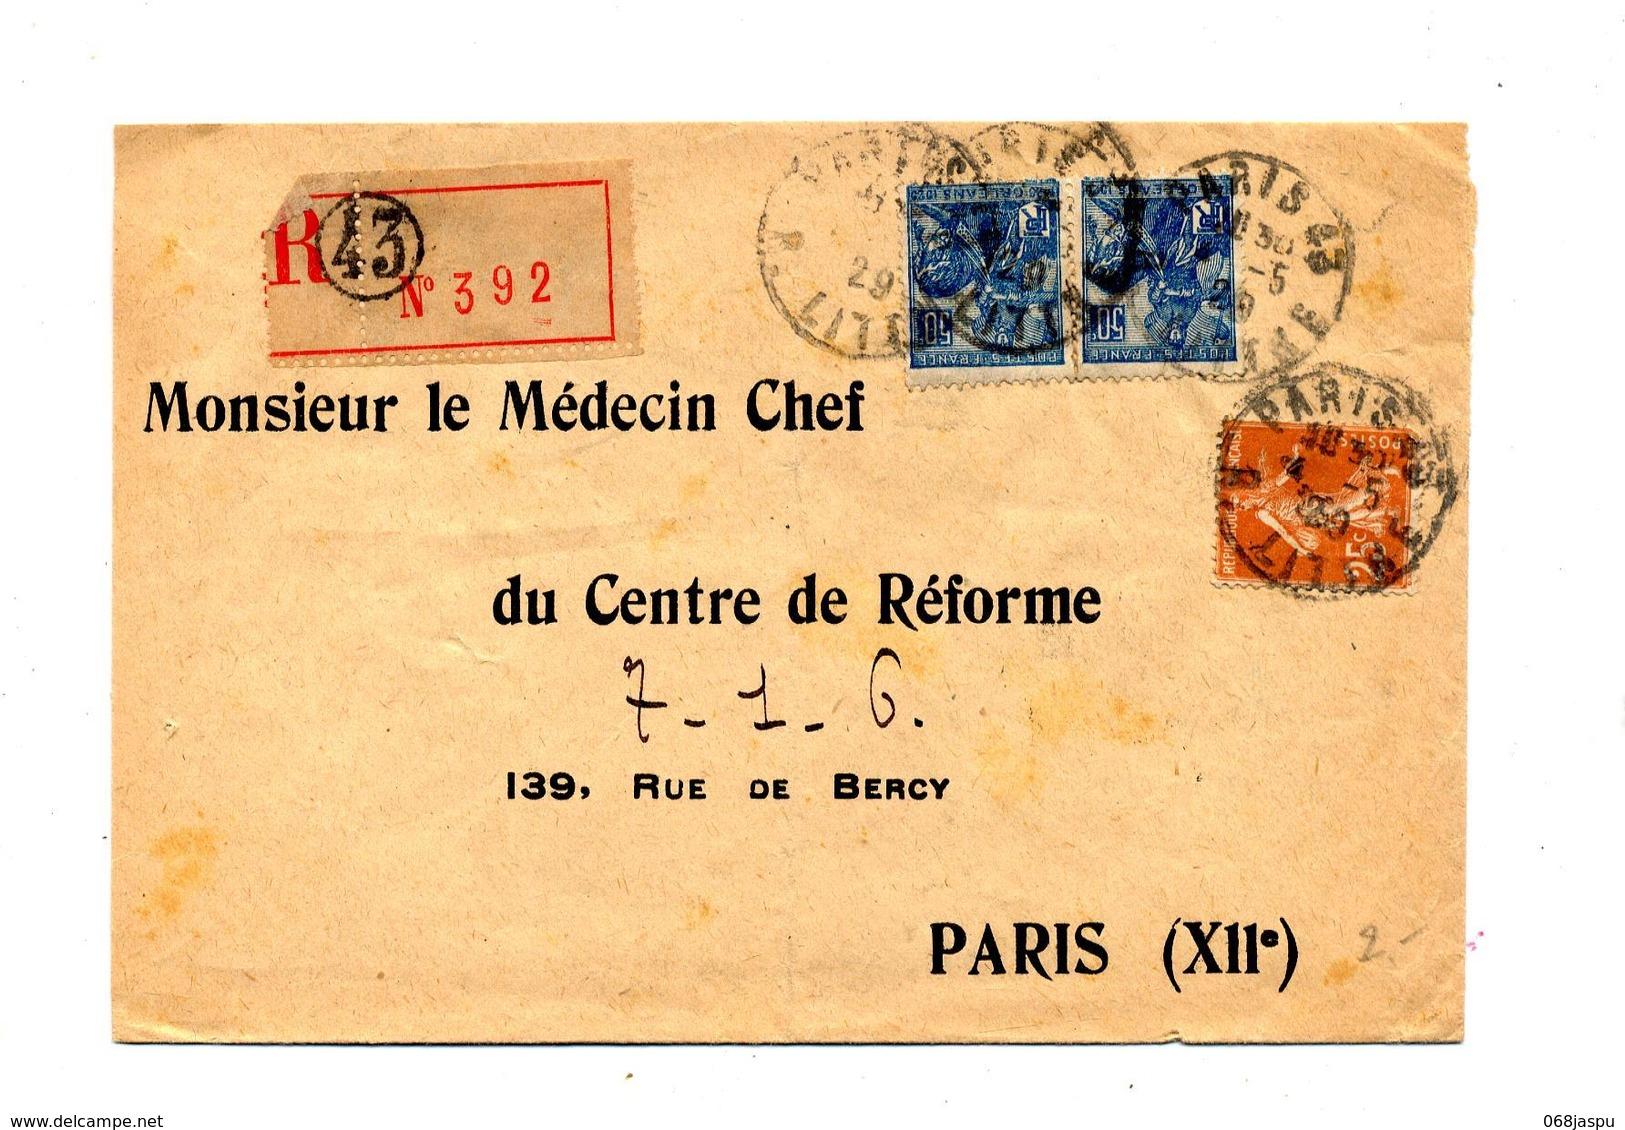 Lettre Recommandée Paris 43 Sur Jeanne D'arc Semeuse - Storia Postale